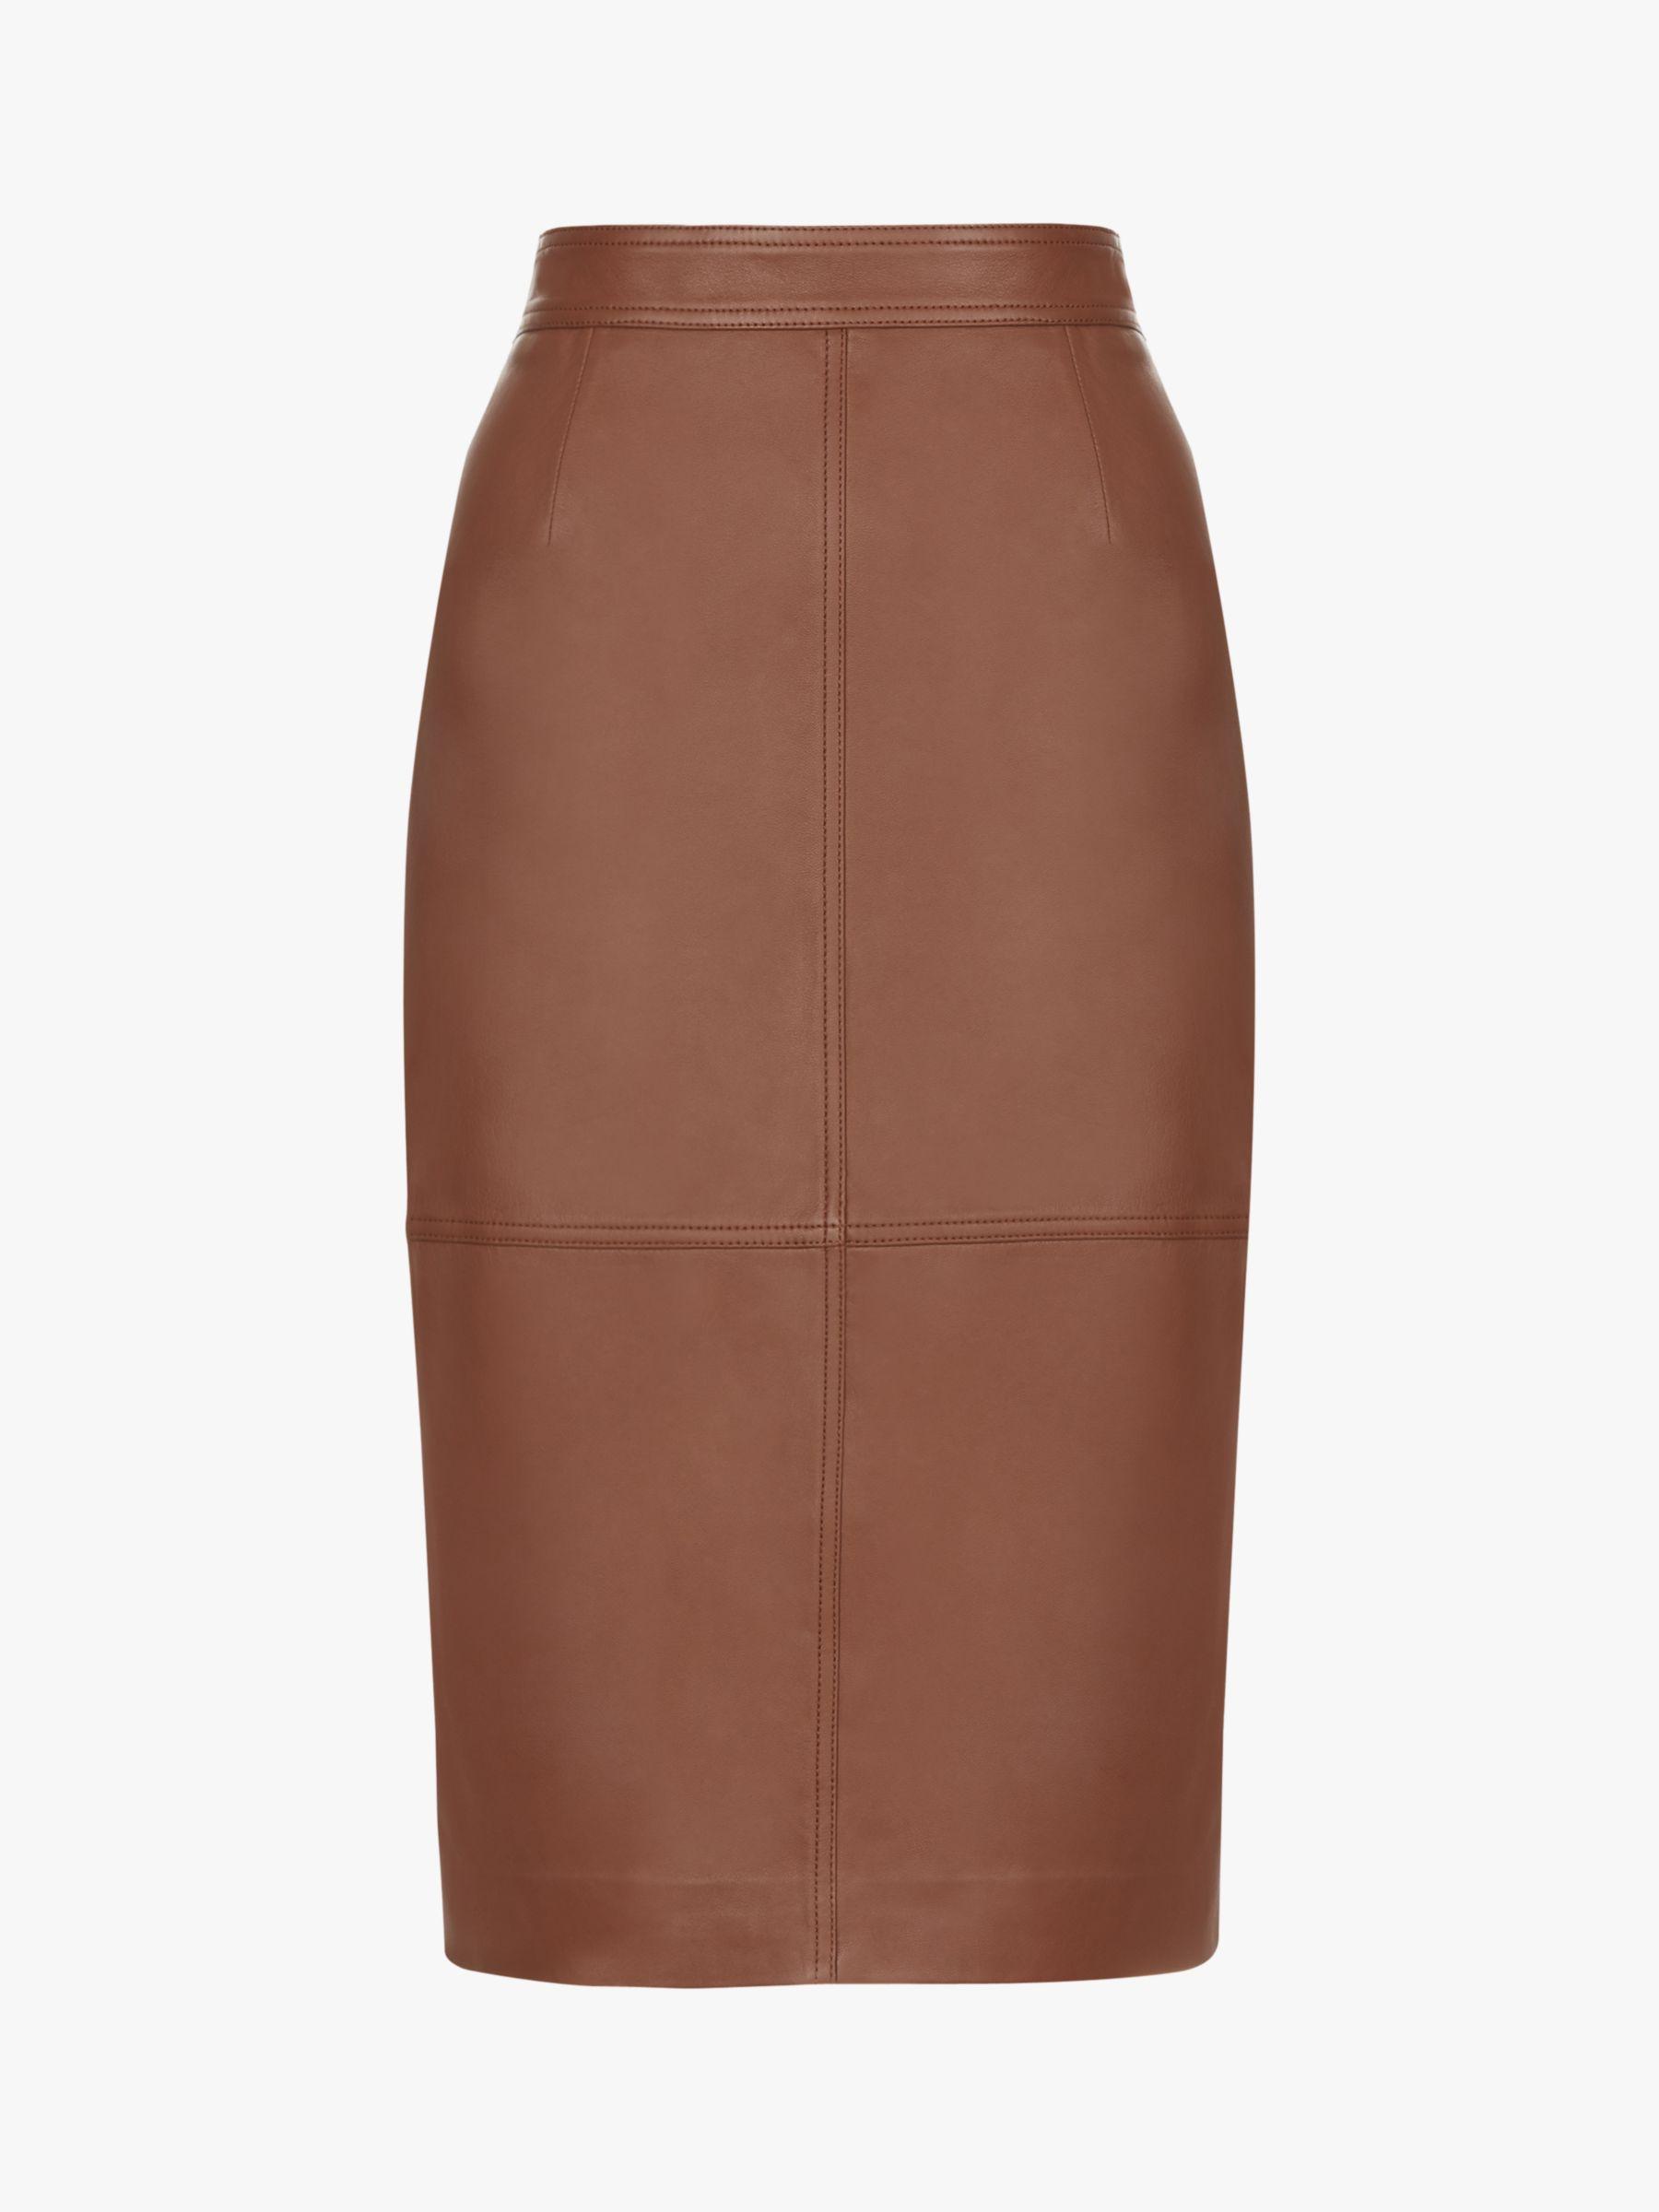 Hobbs Thea Leather Skirt, Tan